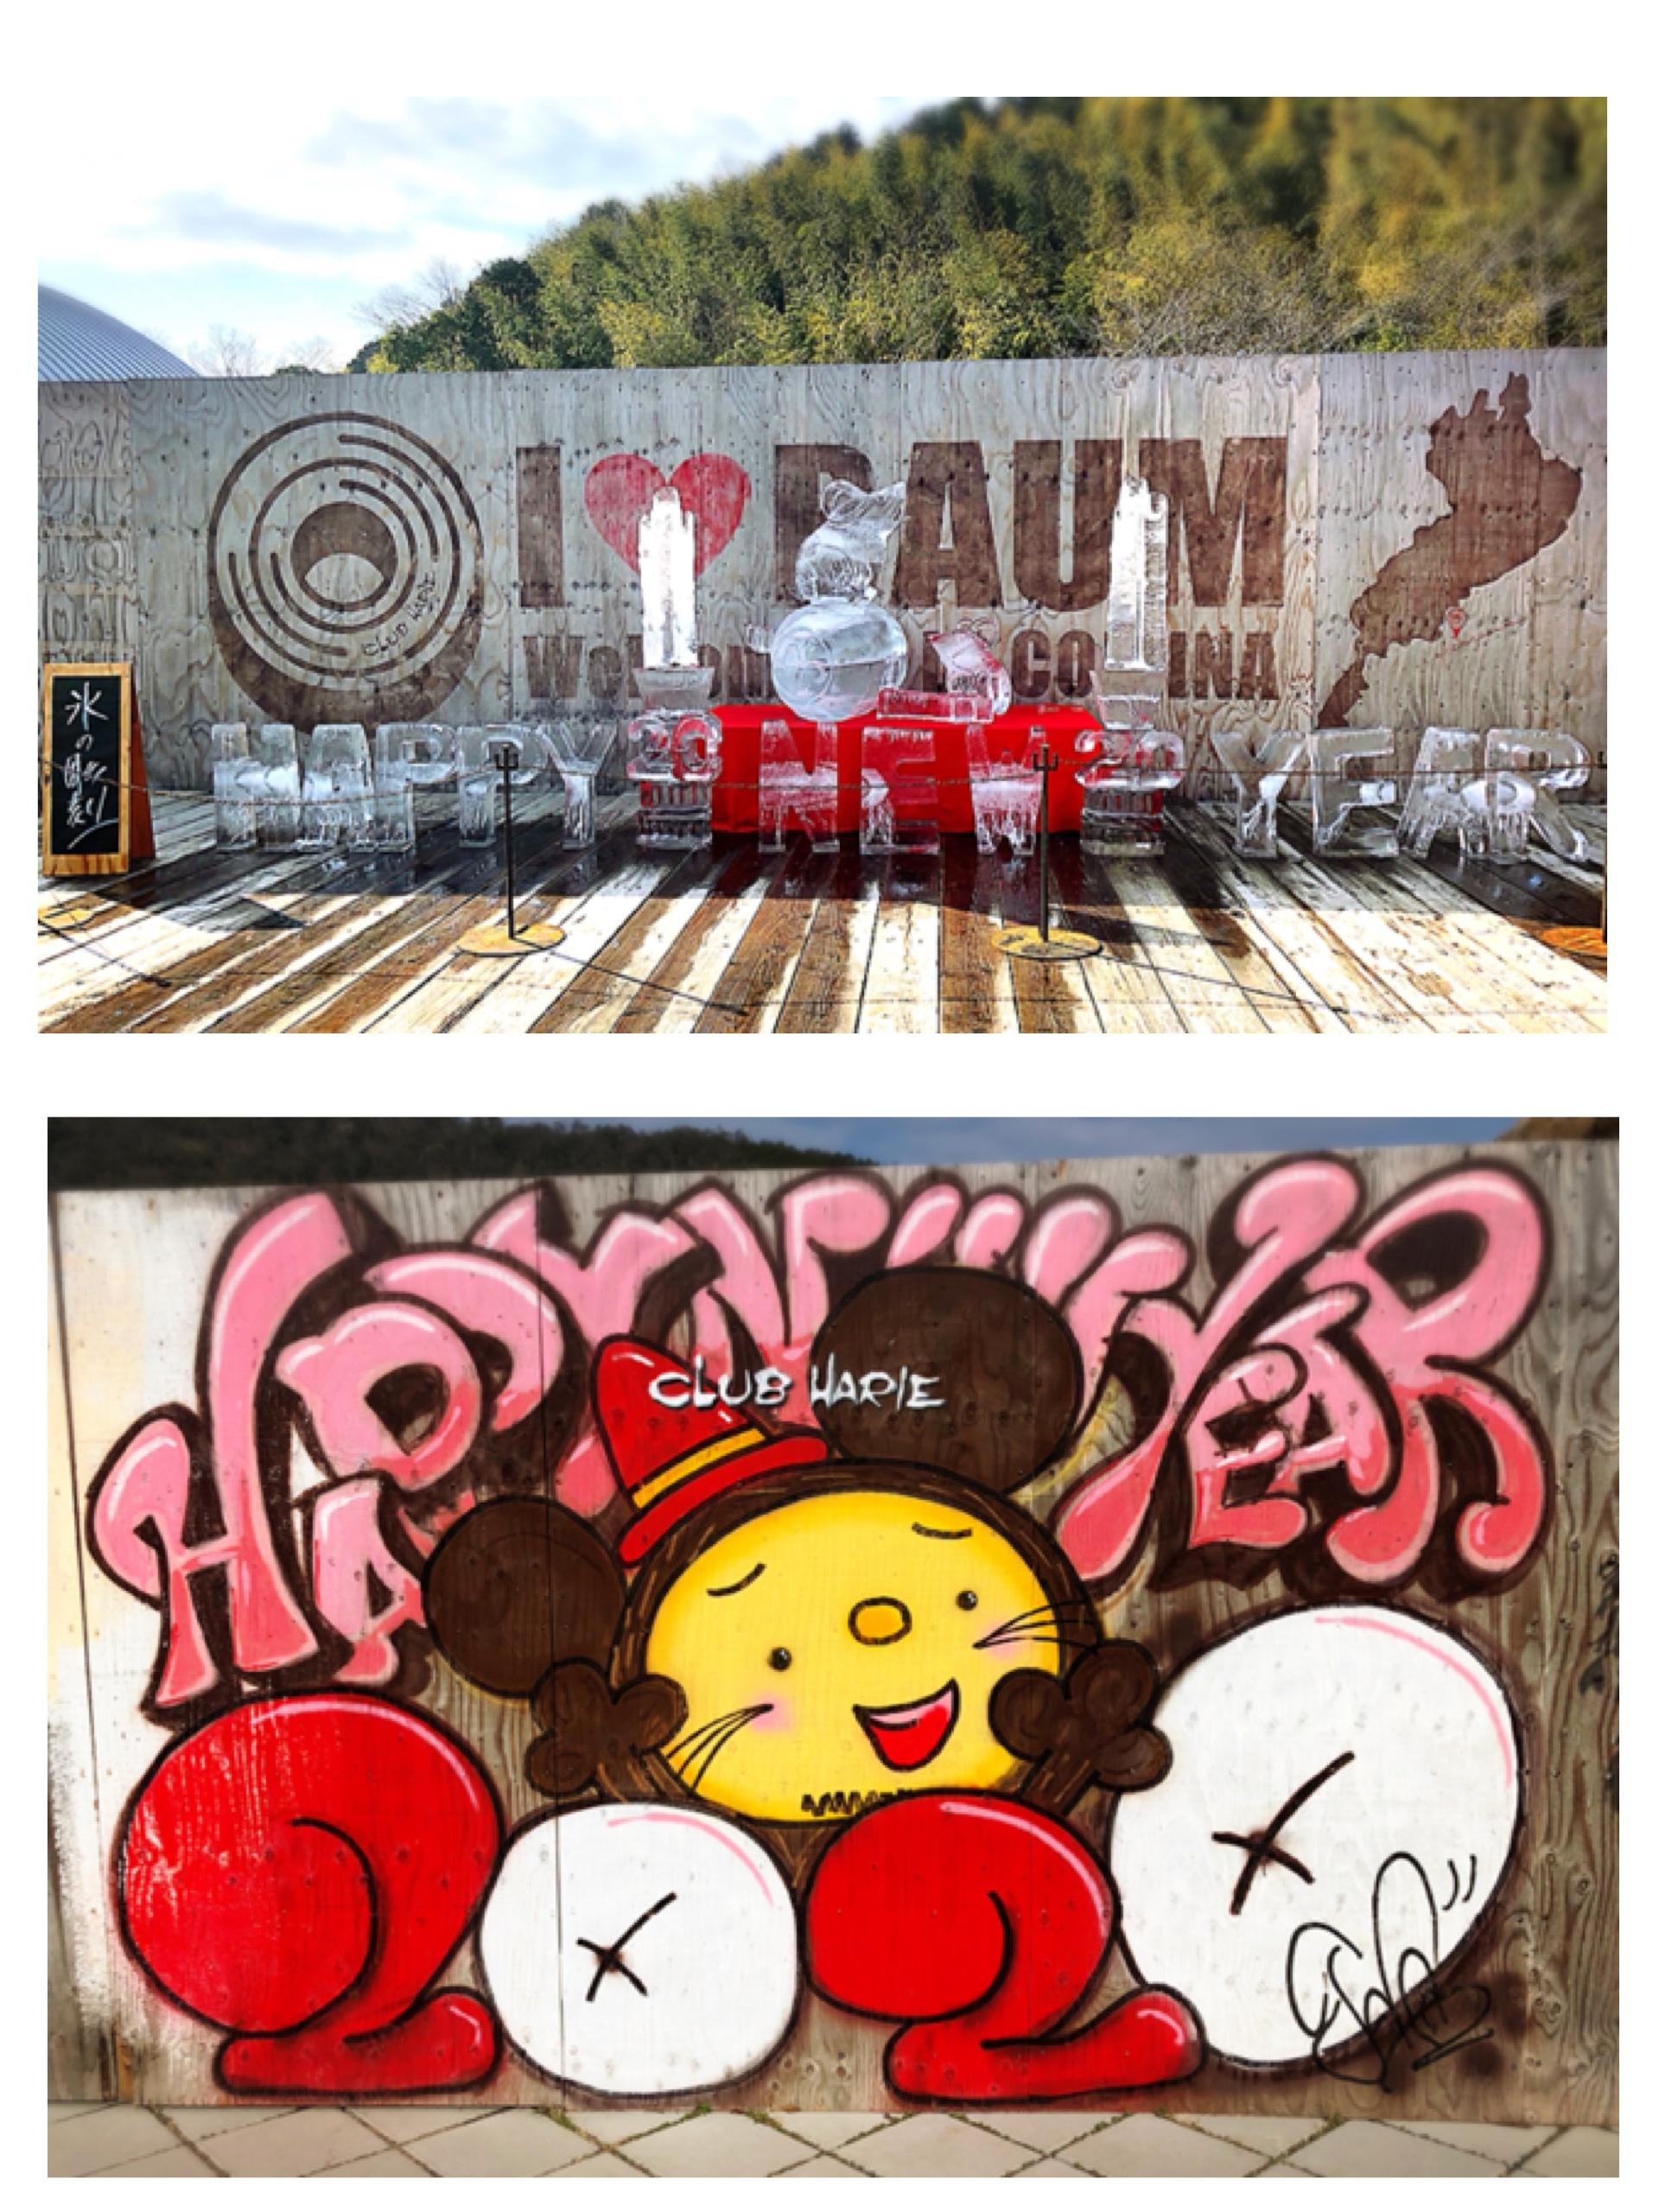 【#滋賀】《NEW YEAR ver.》CLUB HARIE♡ジブリ作品のような外観&壁画アートが魅力のラコリーナに行ってきました!_7